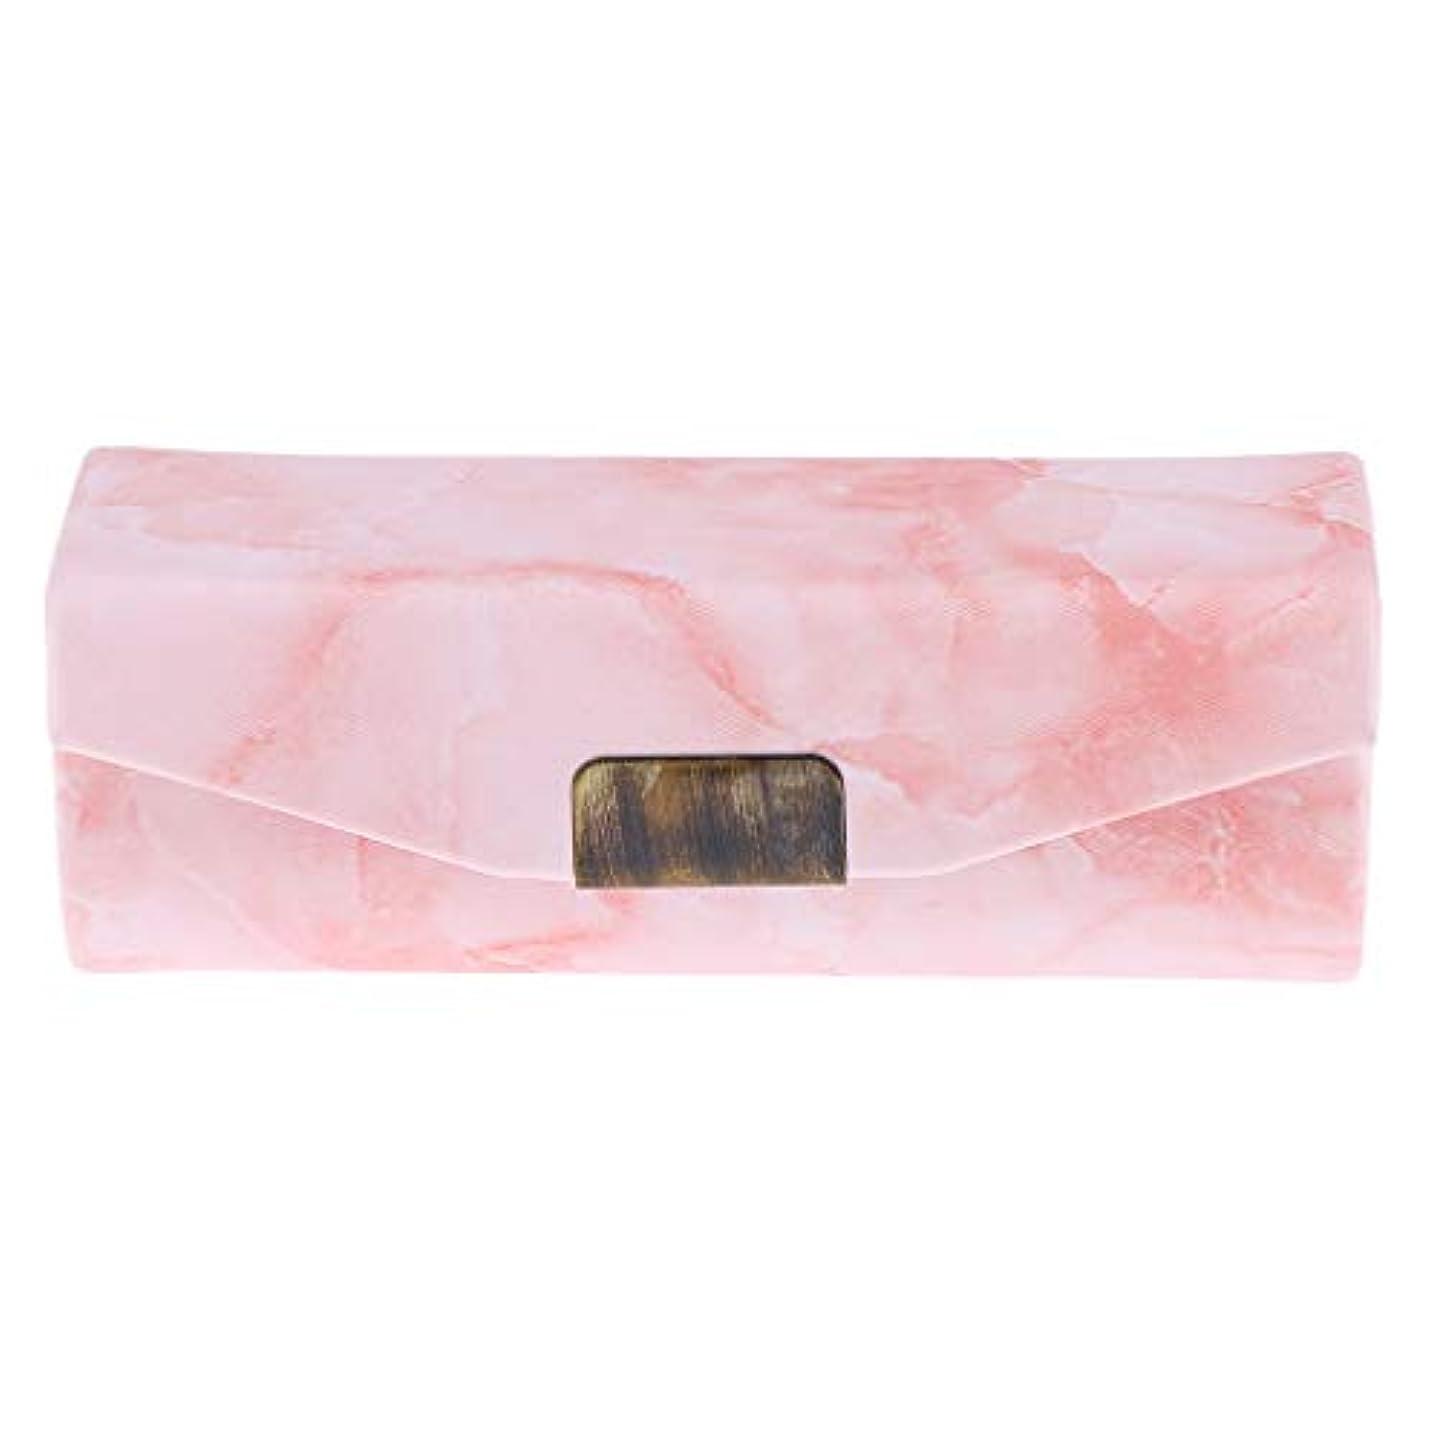 文明摂動ジャムリップスティックケース ミラー付き 口紅 コインケース 小物入り 実用的 6色選べ - オレンジピンク